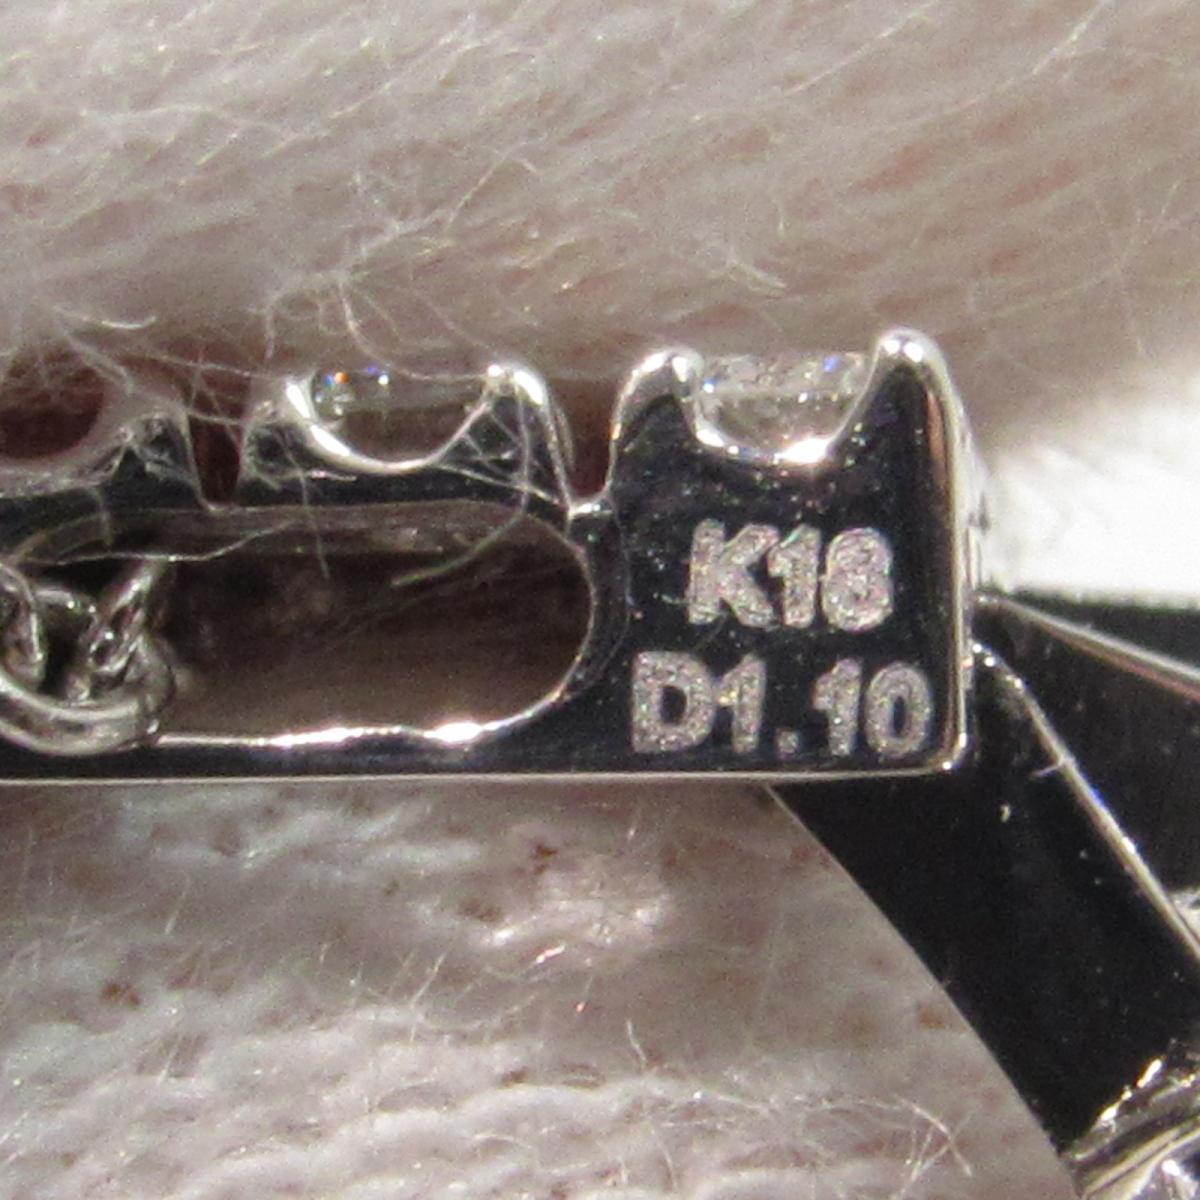 ジュエリー ネックレス ダイヤモンドネックレス レディース K18WG750ホワイトゴールド x D1 10ct シルバSUMzpV